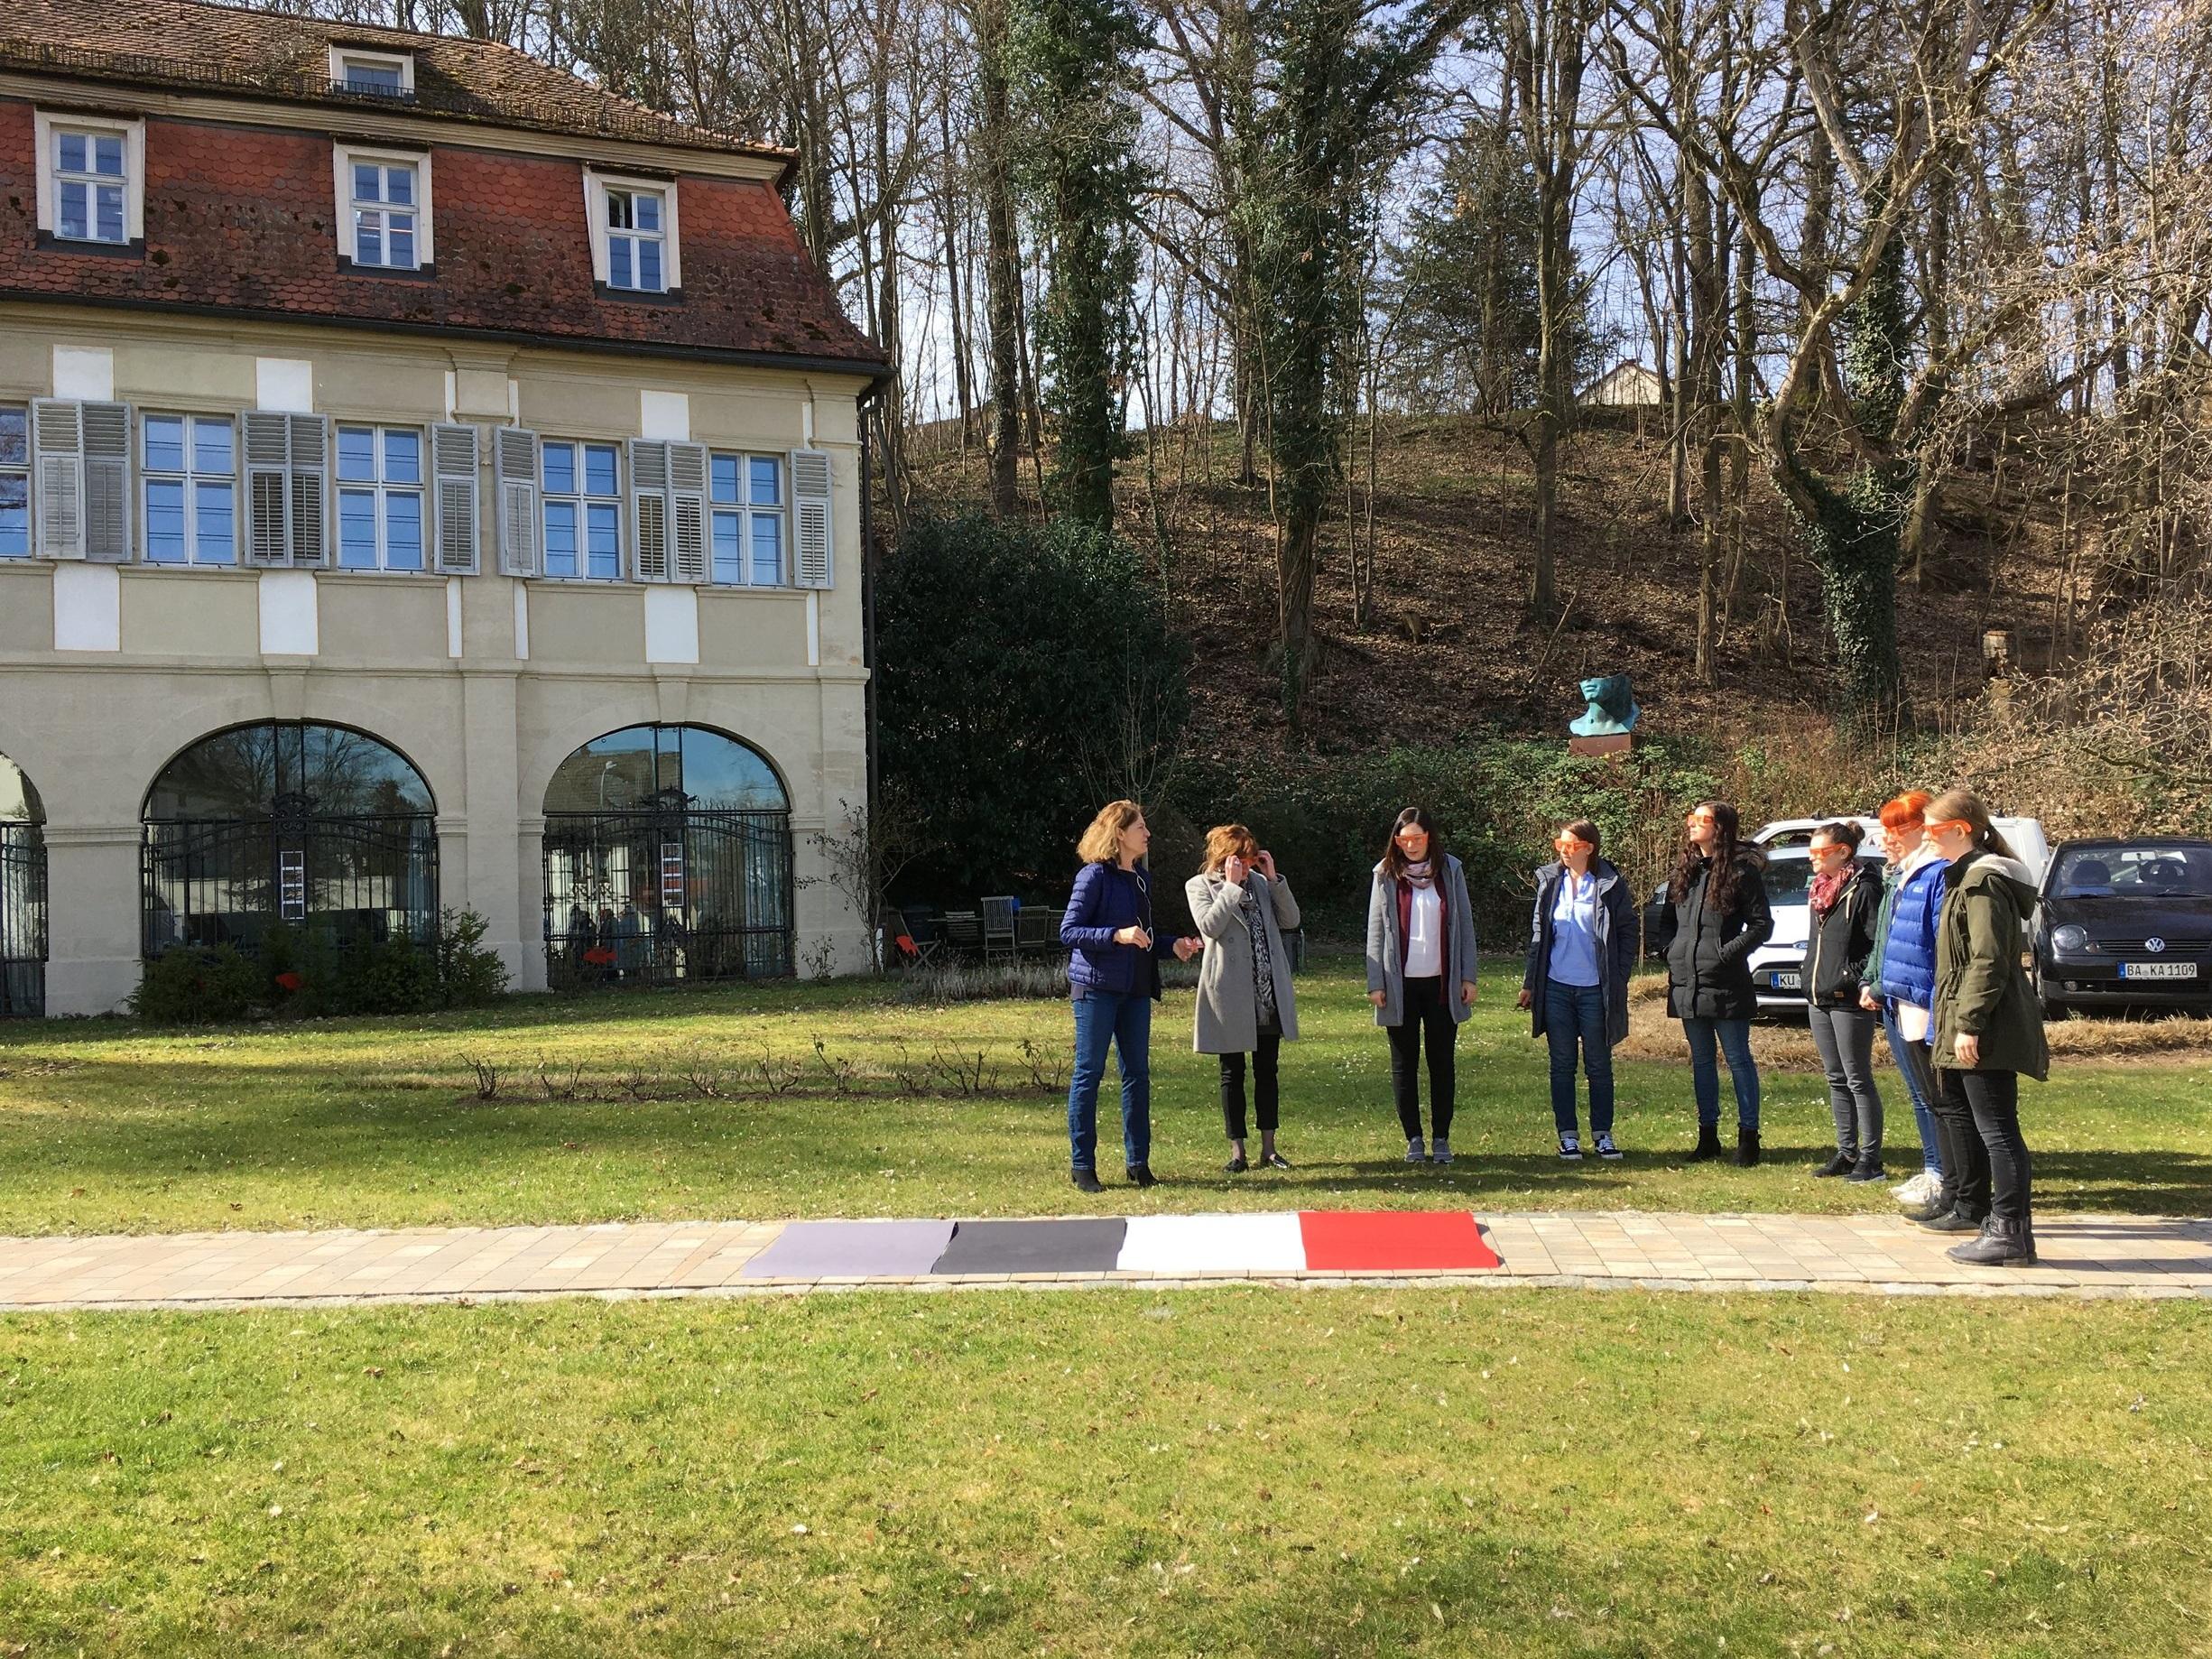 """Praxisteil beim Workshop """"Alters- und demenzsensible Architektur"""" im Februar 2019 im Fischerhof-Schlößchen in Bamberg"""